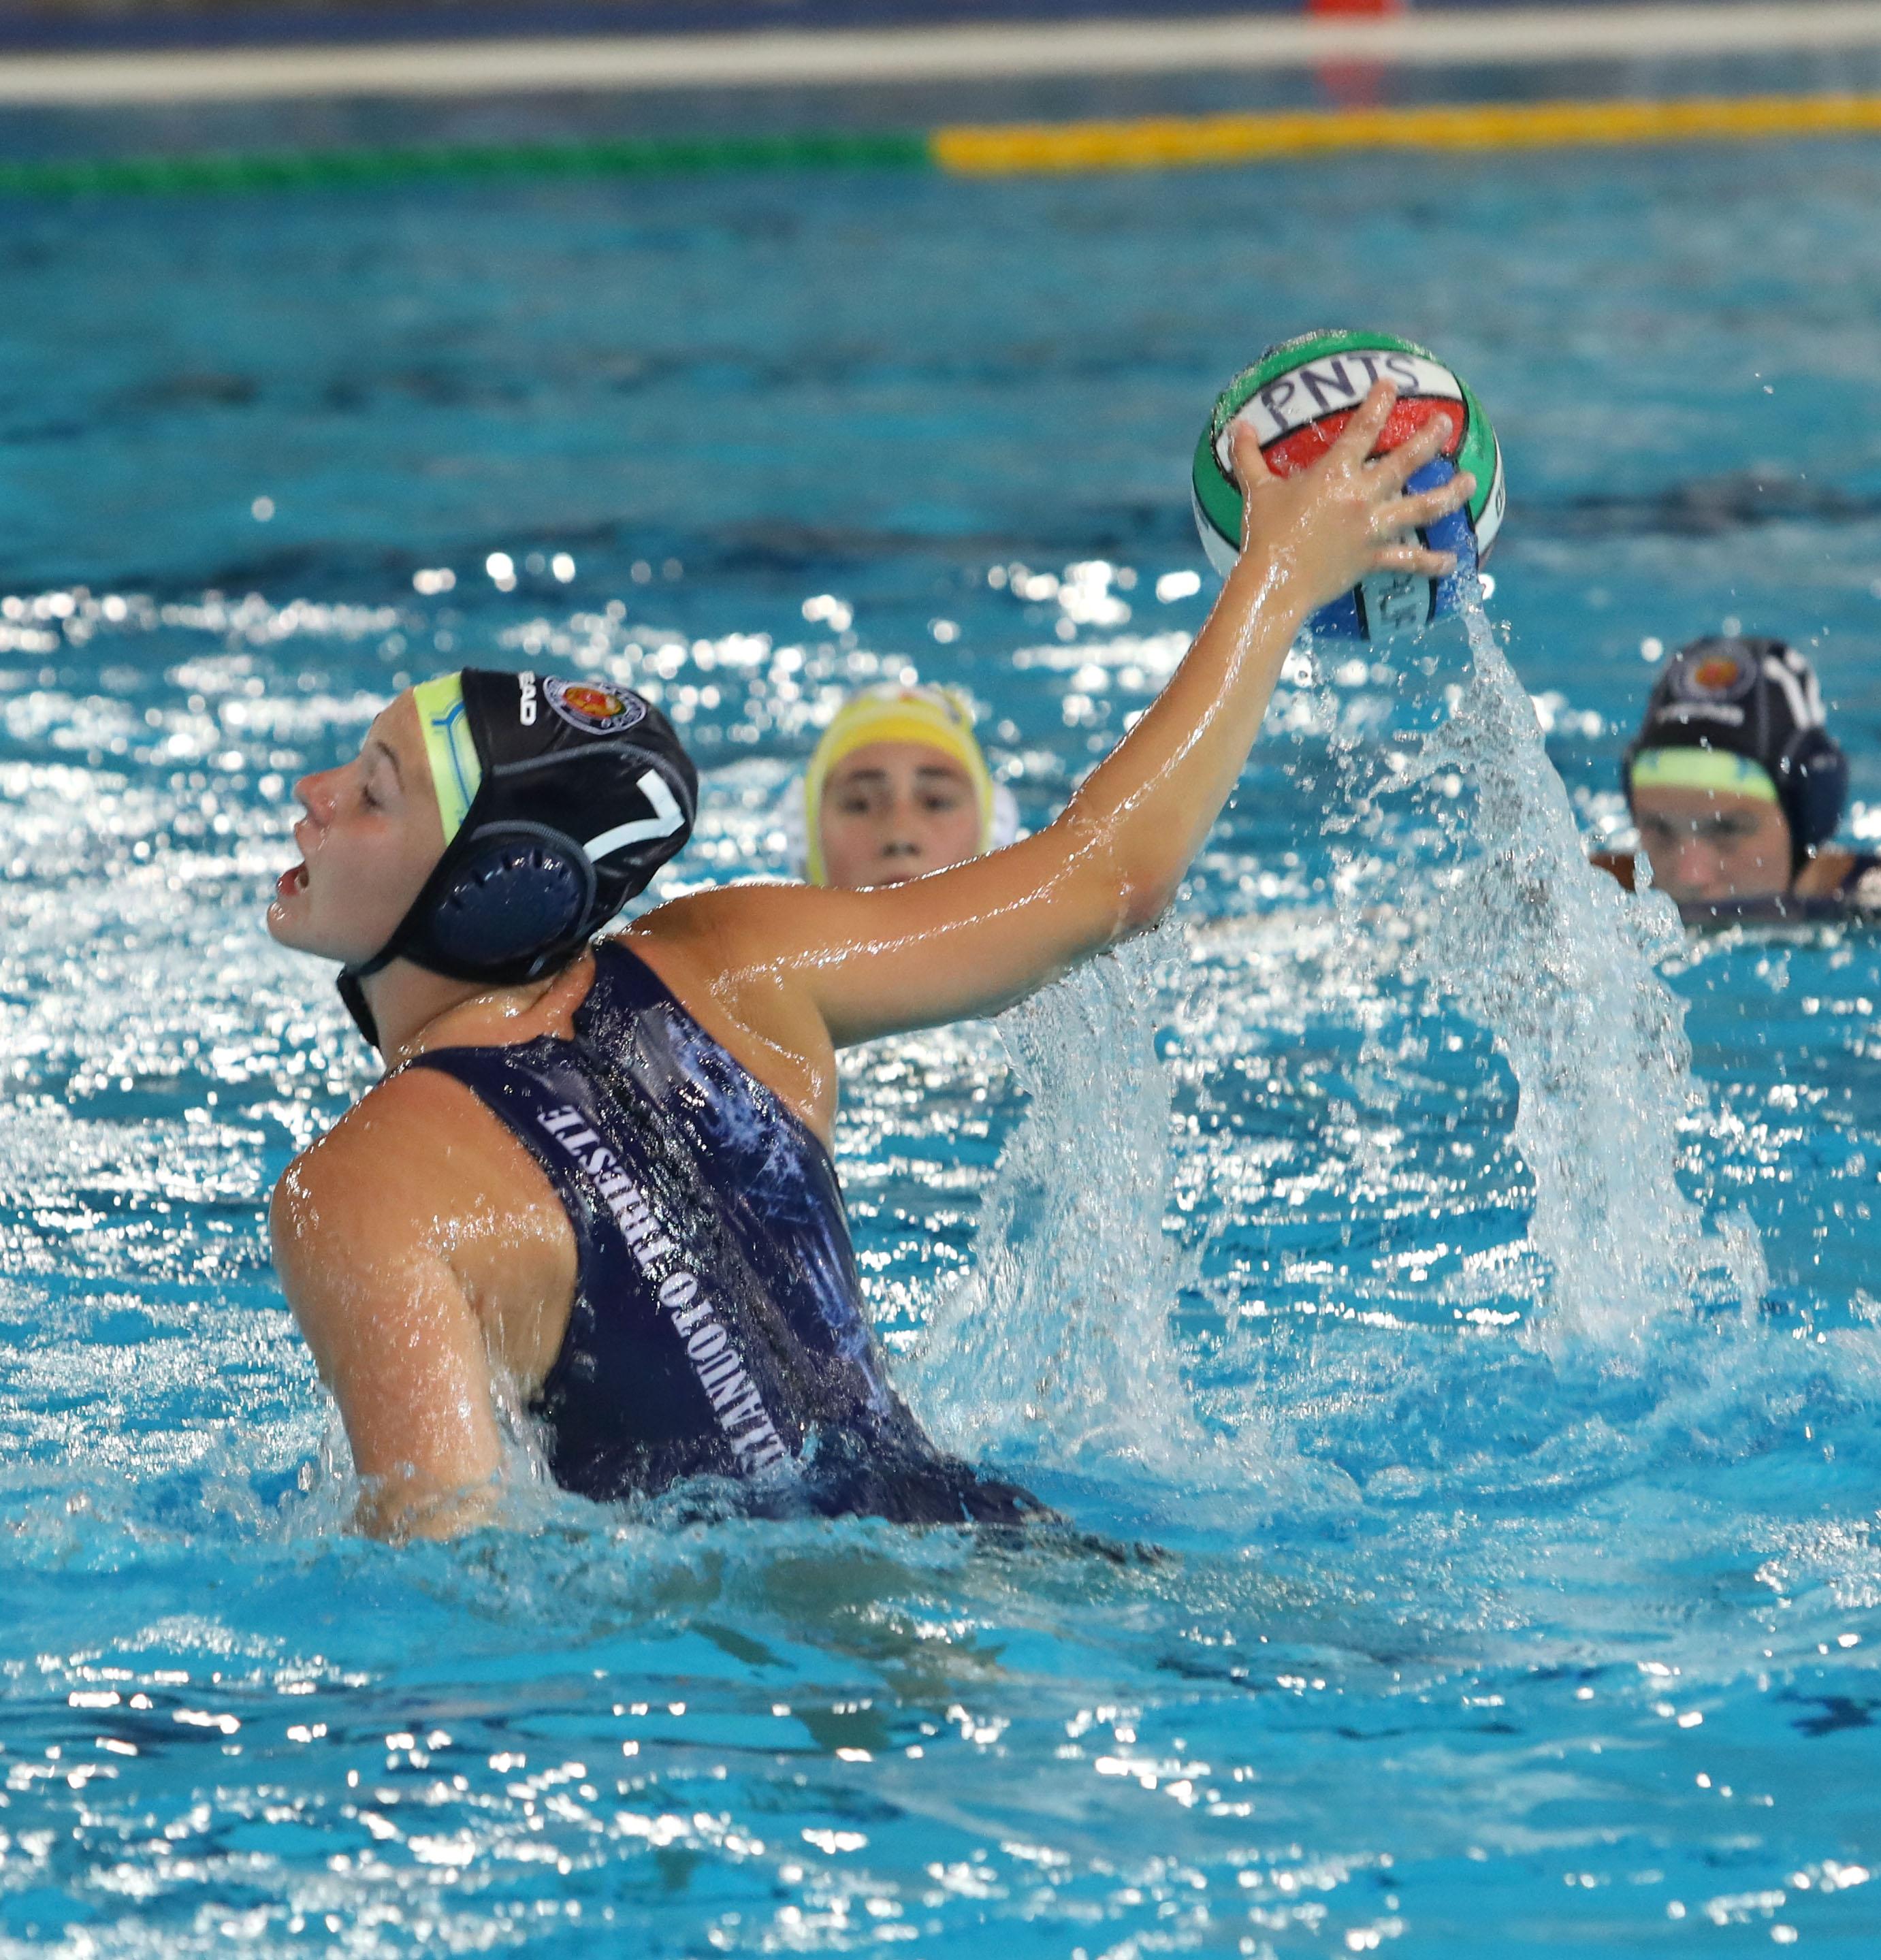 Under 19 femminile: finali scudetto, all'esordio Pallanuoto Trieste battuta dal Rapallo padrone di casa (13-5)